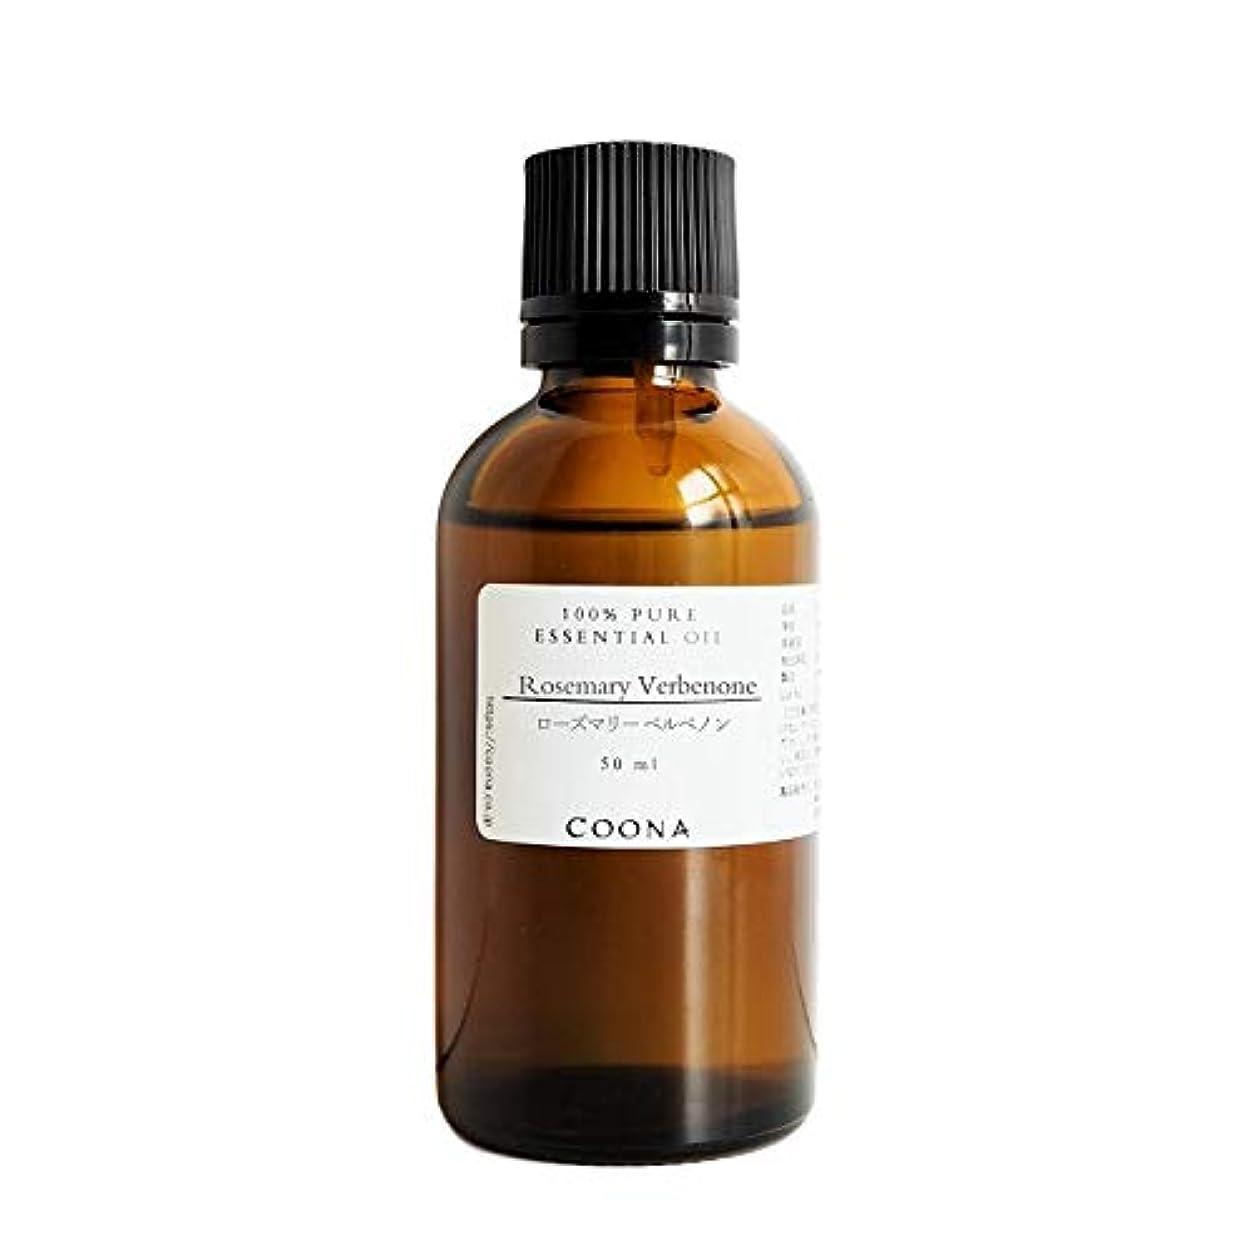 アピール小間気配りのあるローズマリー ベルベノン 50 ml (COONA エッセンシャルオイル アロマオイル 100%天然植物精油)